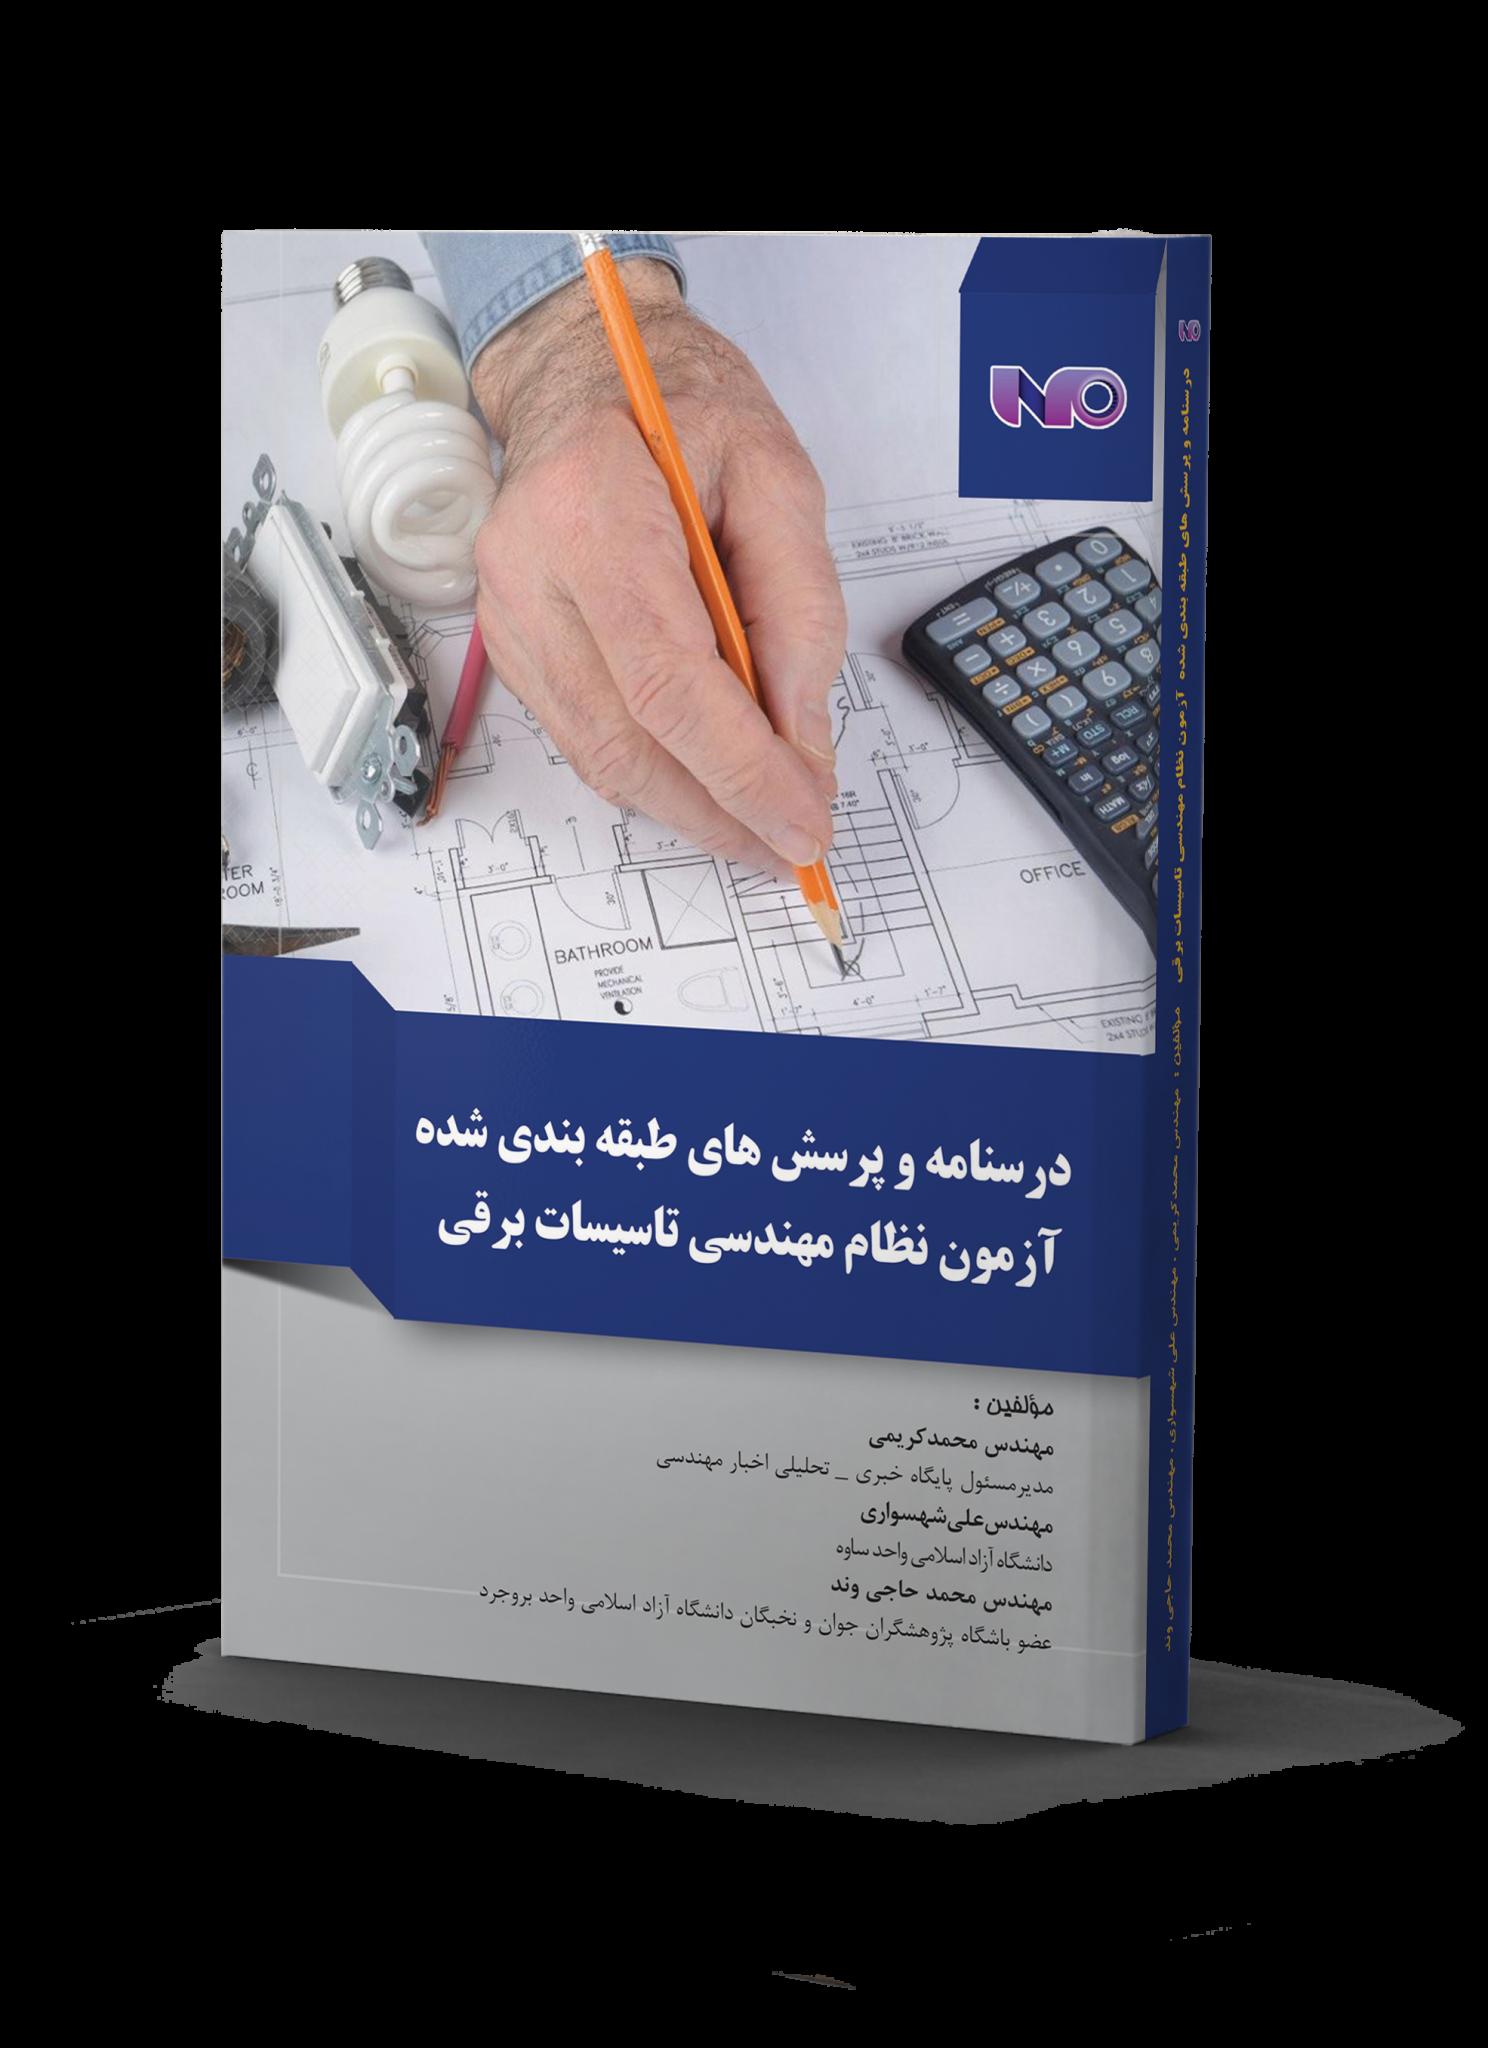 درسنامه و پرسشهای طبقهبندی شده آزمون نظام مهندسی تاسیسات برقی